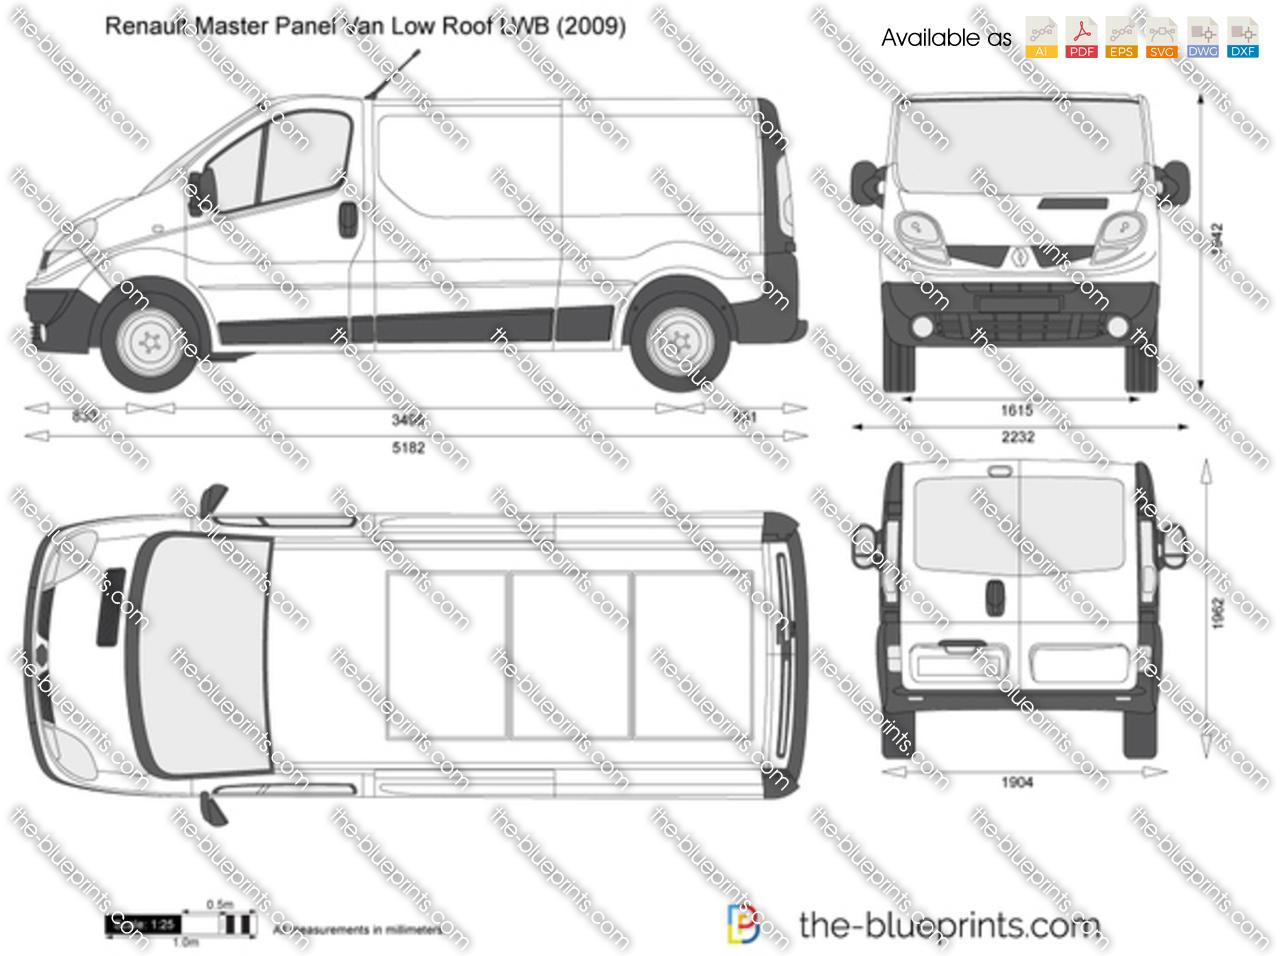 Renault Trafic Panel Van Low Roof LWB vector drawing